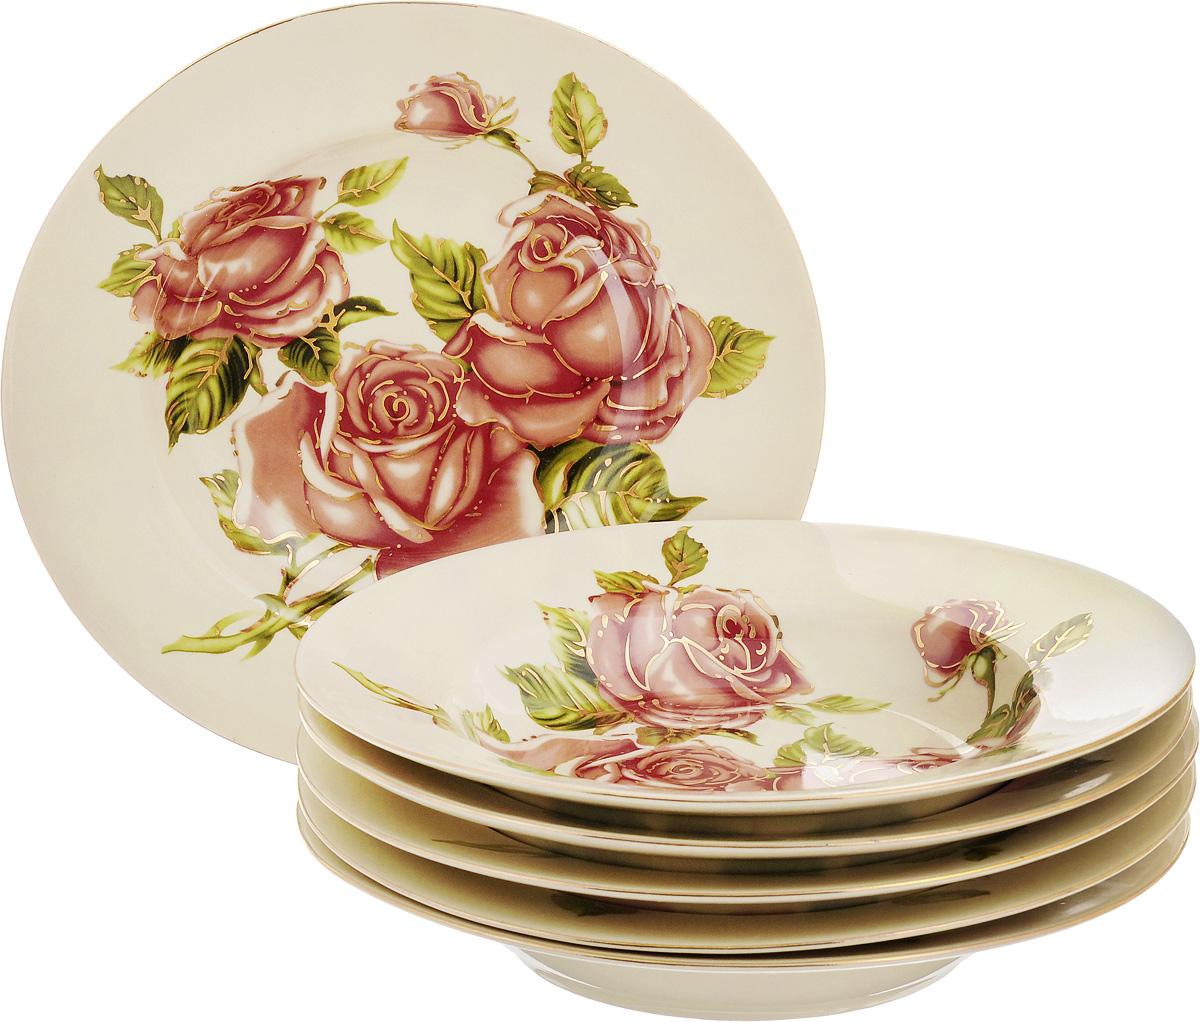 Набор суповых тарелок Patricia Три розы, диаметр 22,5 см, 6 штIM600008Набор Patricia Три розы, выполненный из высококачественной глазурованной керамики, состоит из 6 суповых тарелок. Изделия украшены цветочным рисунком и предназначены для красивой сервировки и подачи первых блюд. Набор сочетает в себе стильный дизайн с максимальной функциональностью. Оригинальность оформления придется по вкусу и ценителям классики, и тем, кто предпочитает утонченность и изящность. Не рекомендуется использовать в микроволновой печи и мыть в посудомоечной машине. Диаметр тарелки (по верхнему краю): 22,5 см.